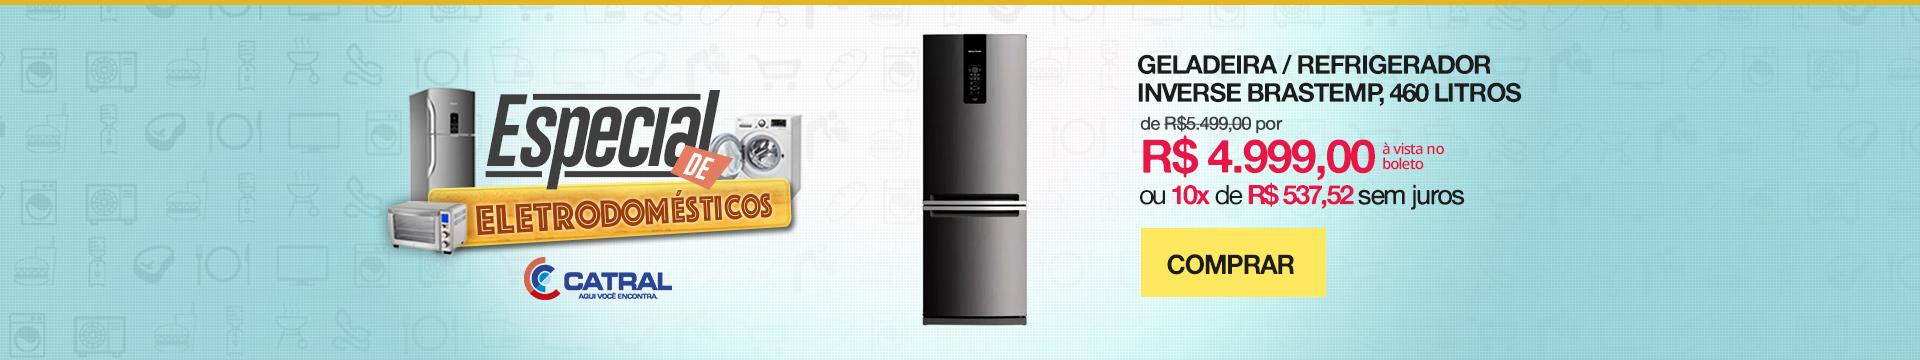 Especial Eletrodomésticos - Produto 1